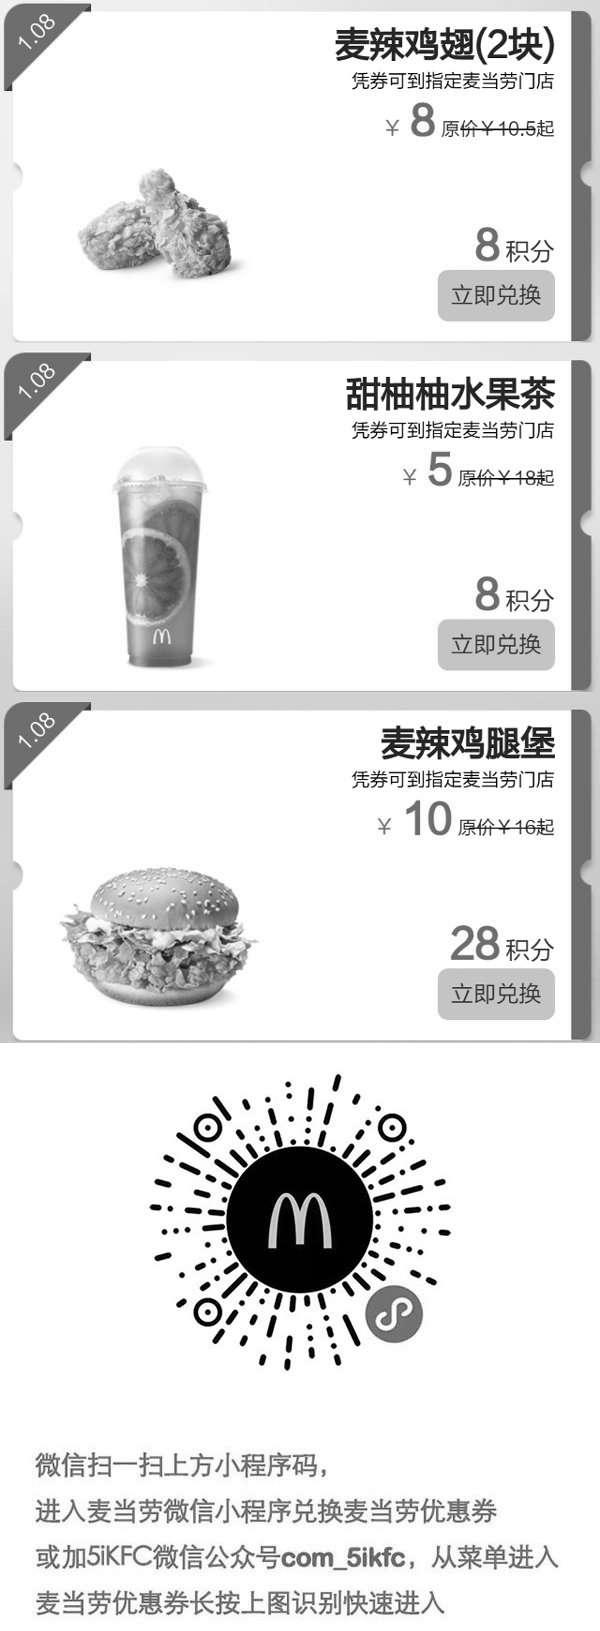 黑白优惠券图片:麦当劳2019年1月8日会员日积分优惠券兑换,鸡翅8元、麦辣鸡腿堡10元 - www.5ikfc.com